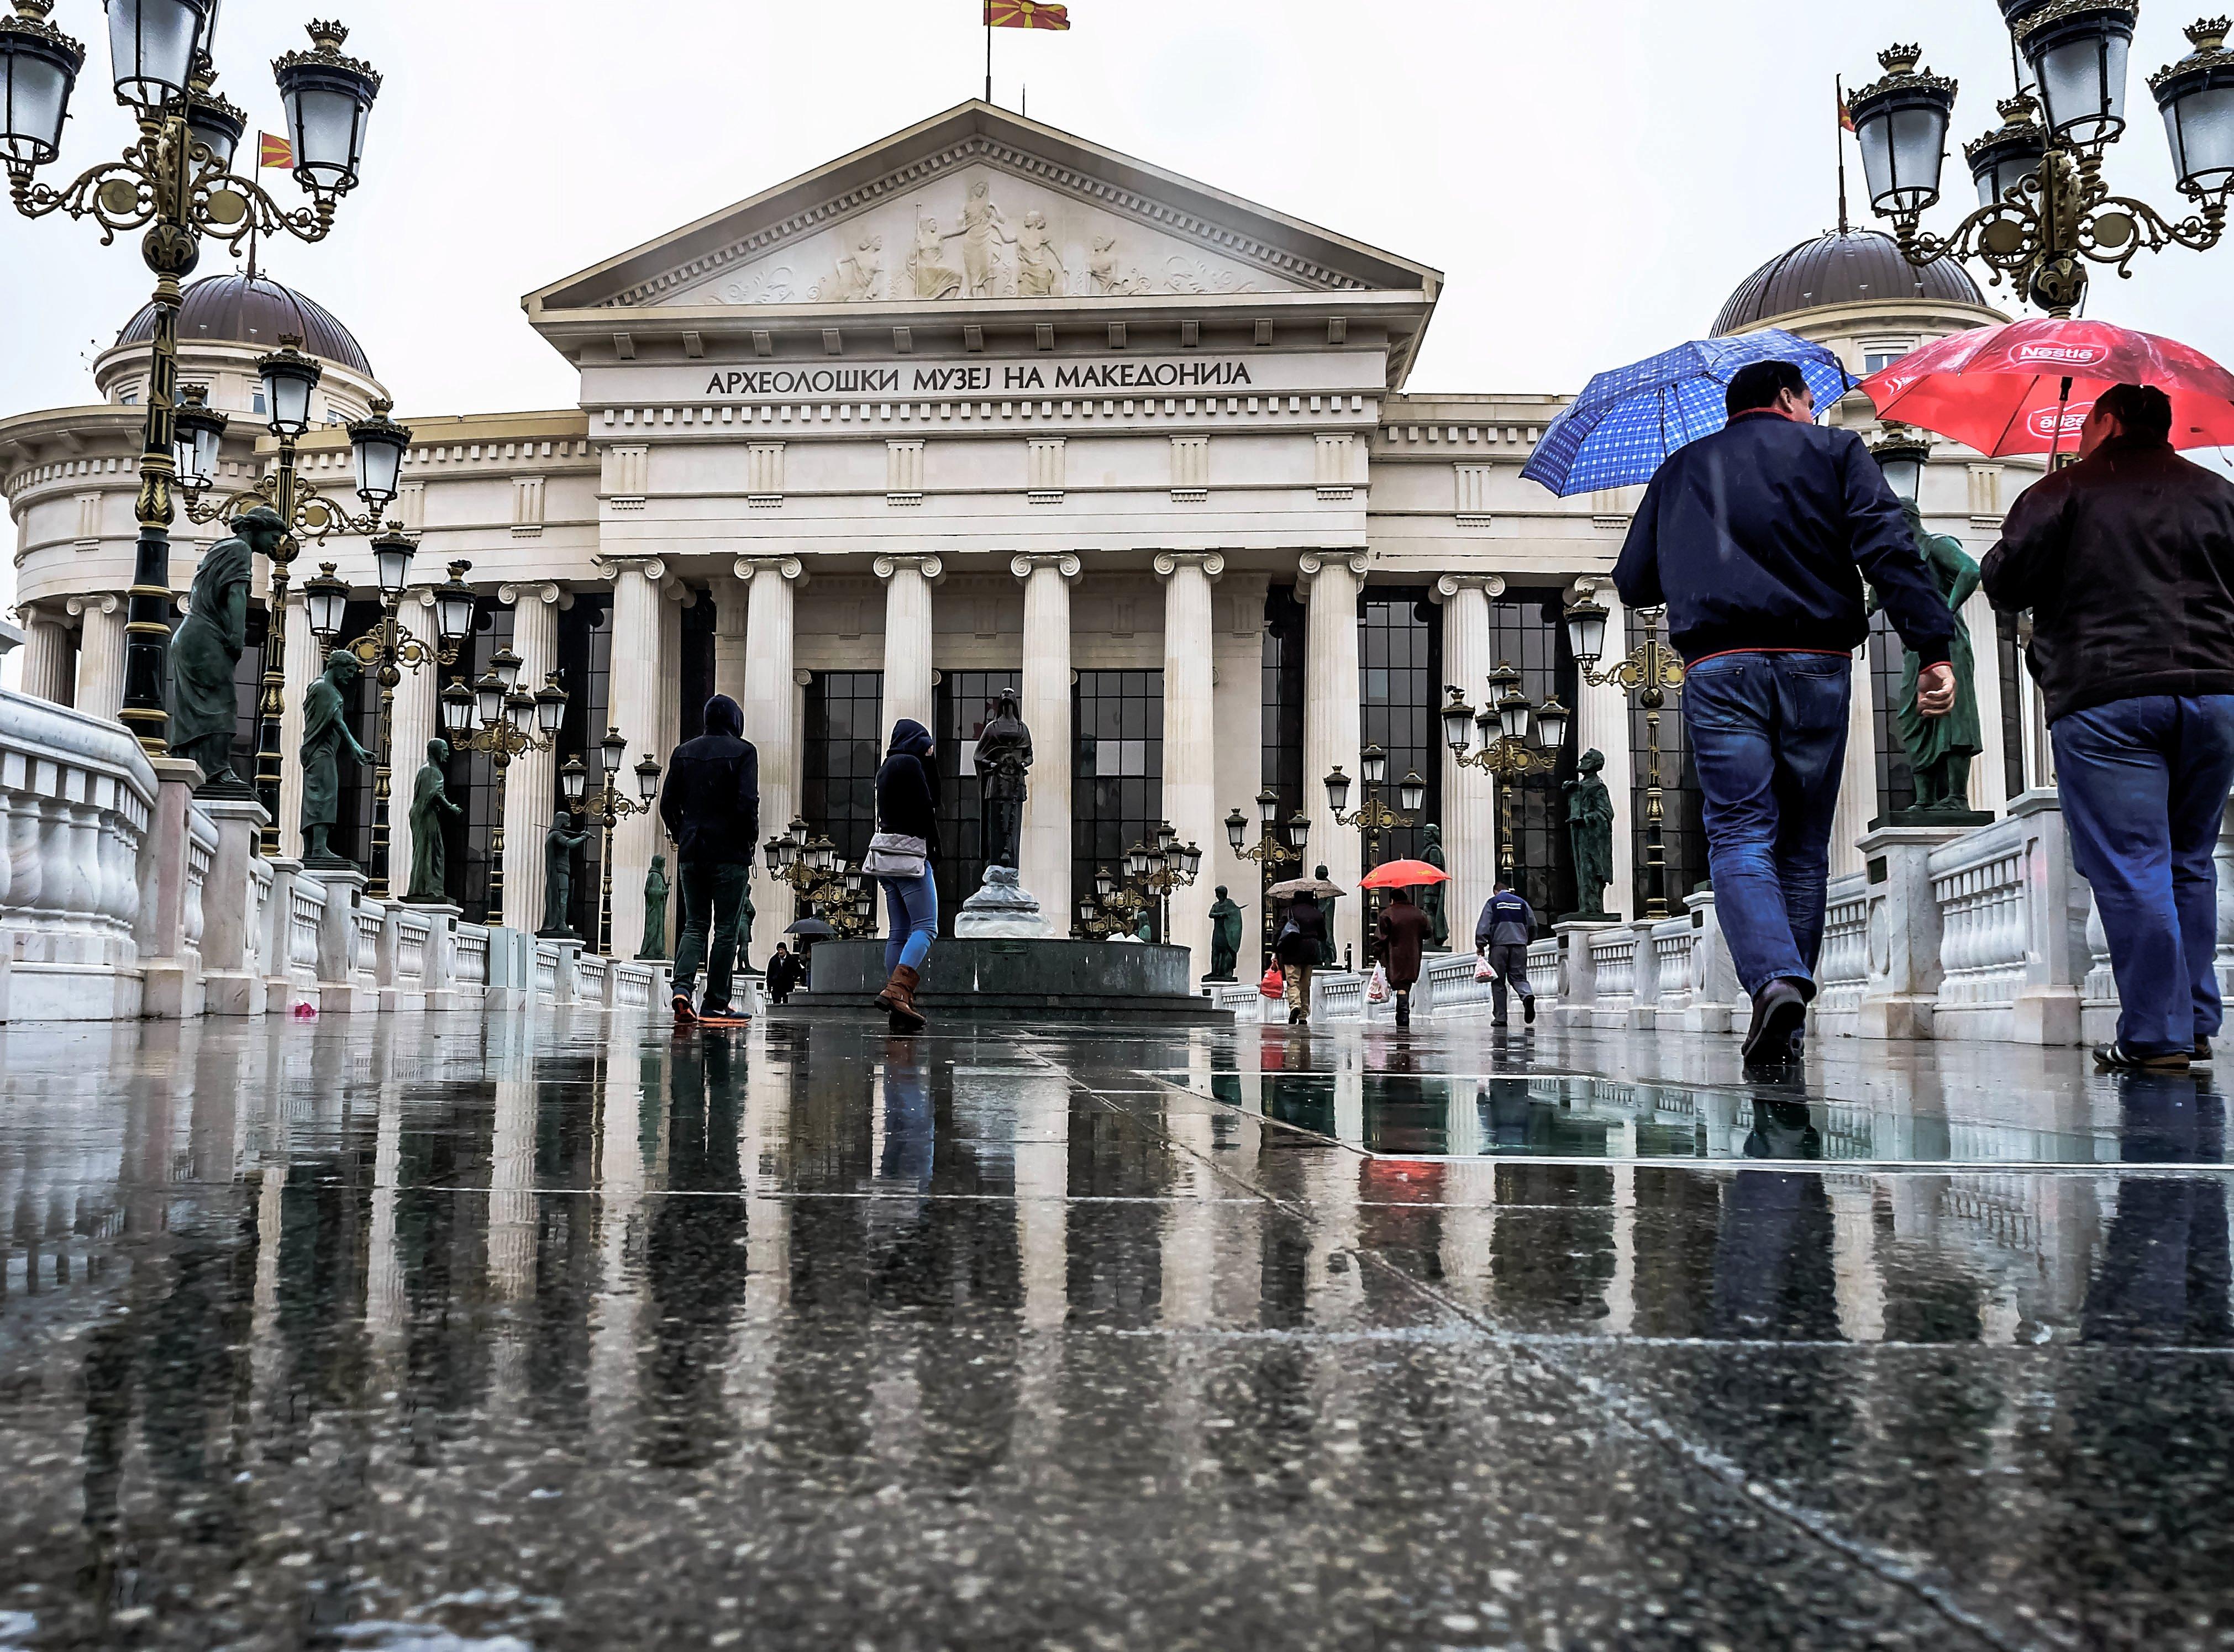 ВРЕМЕТО ДЕНЕС: Облачно со врнежи од дожд и постудено